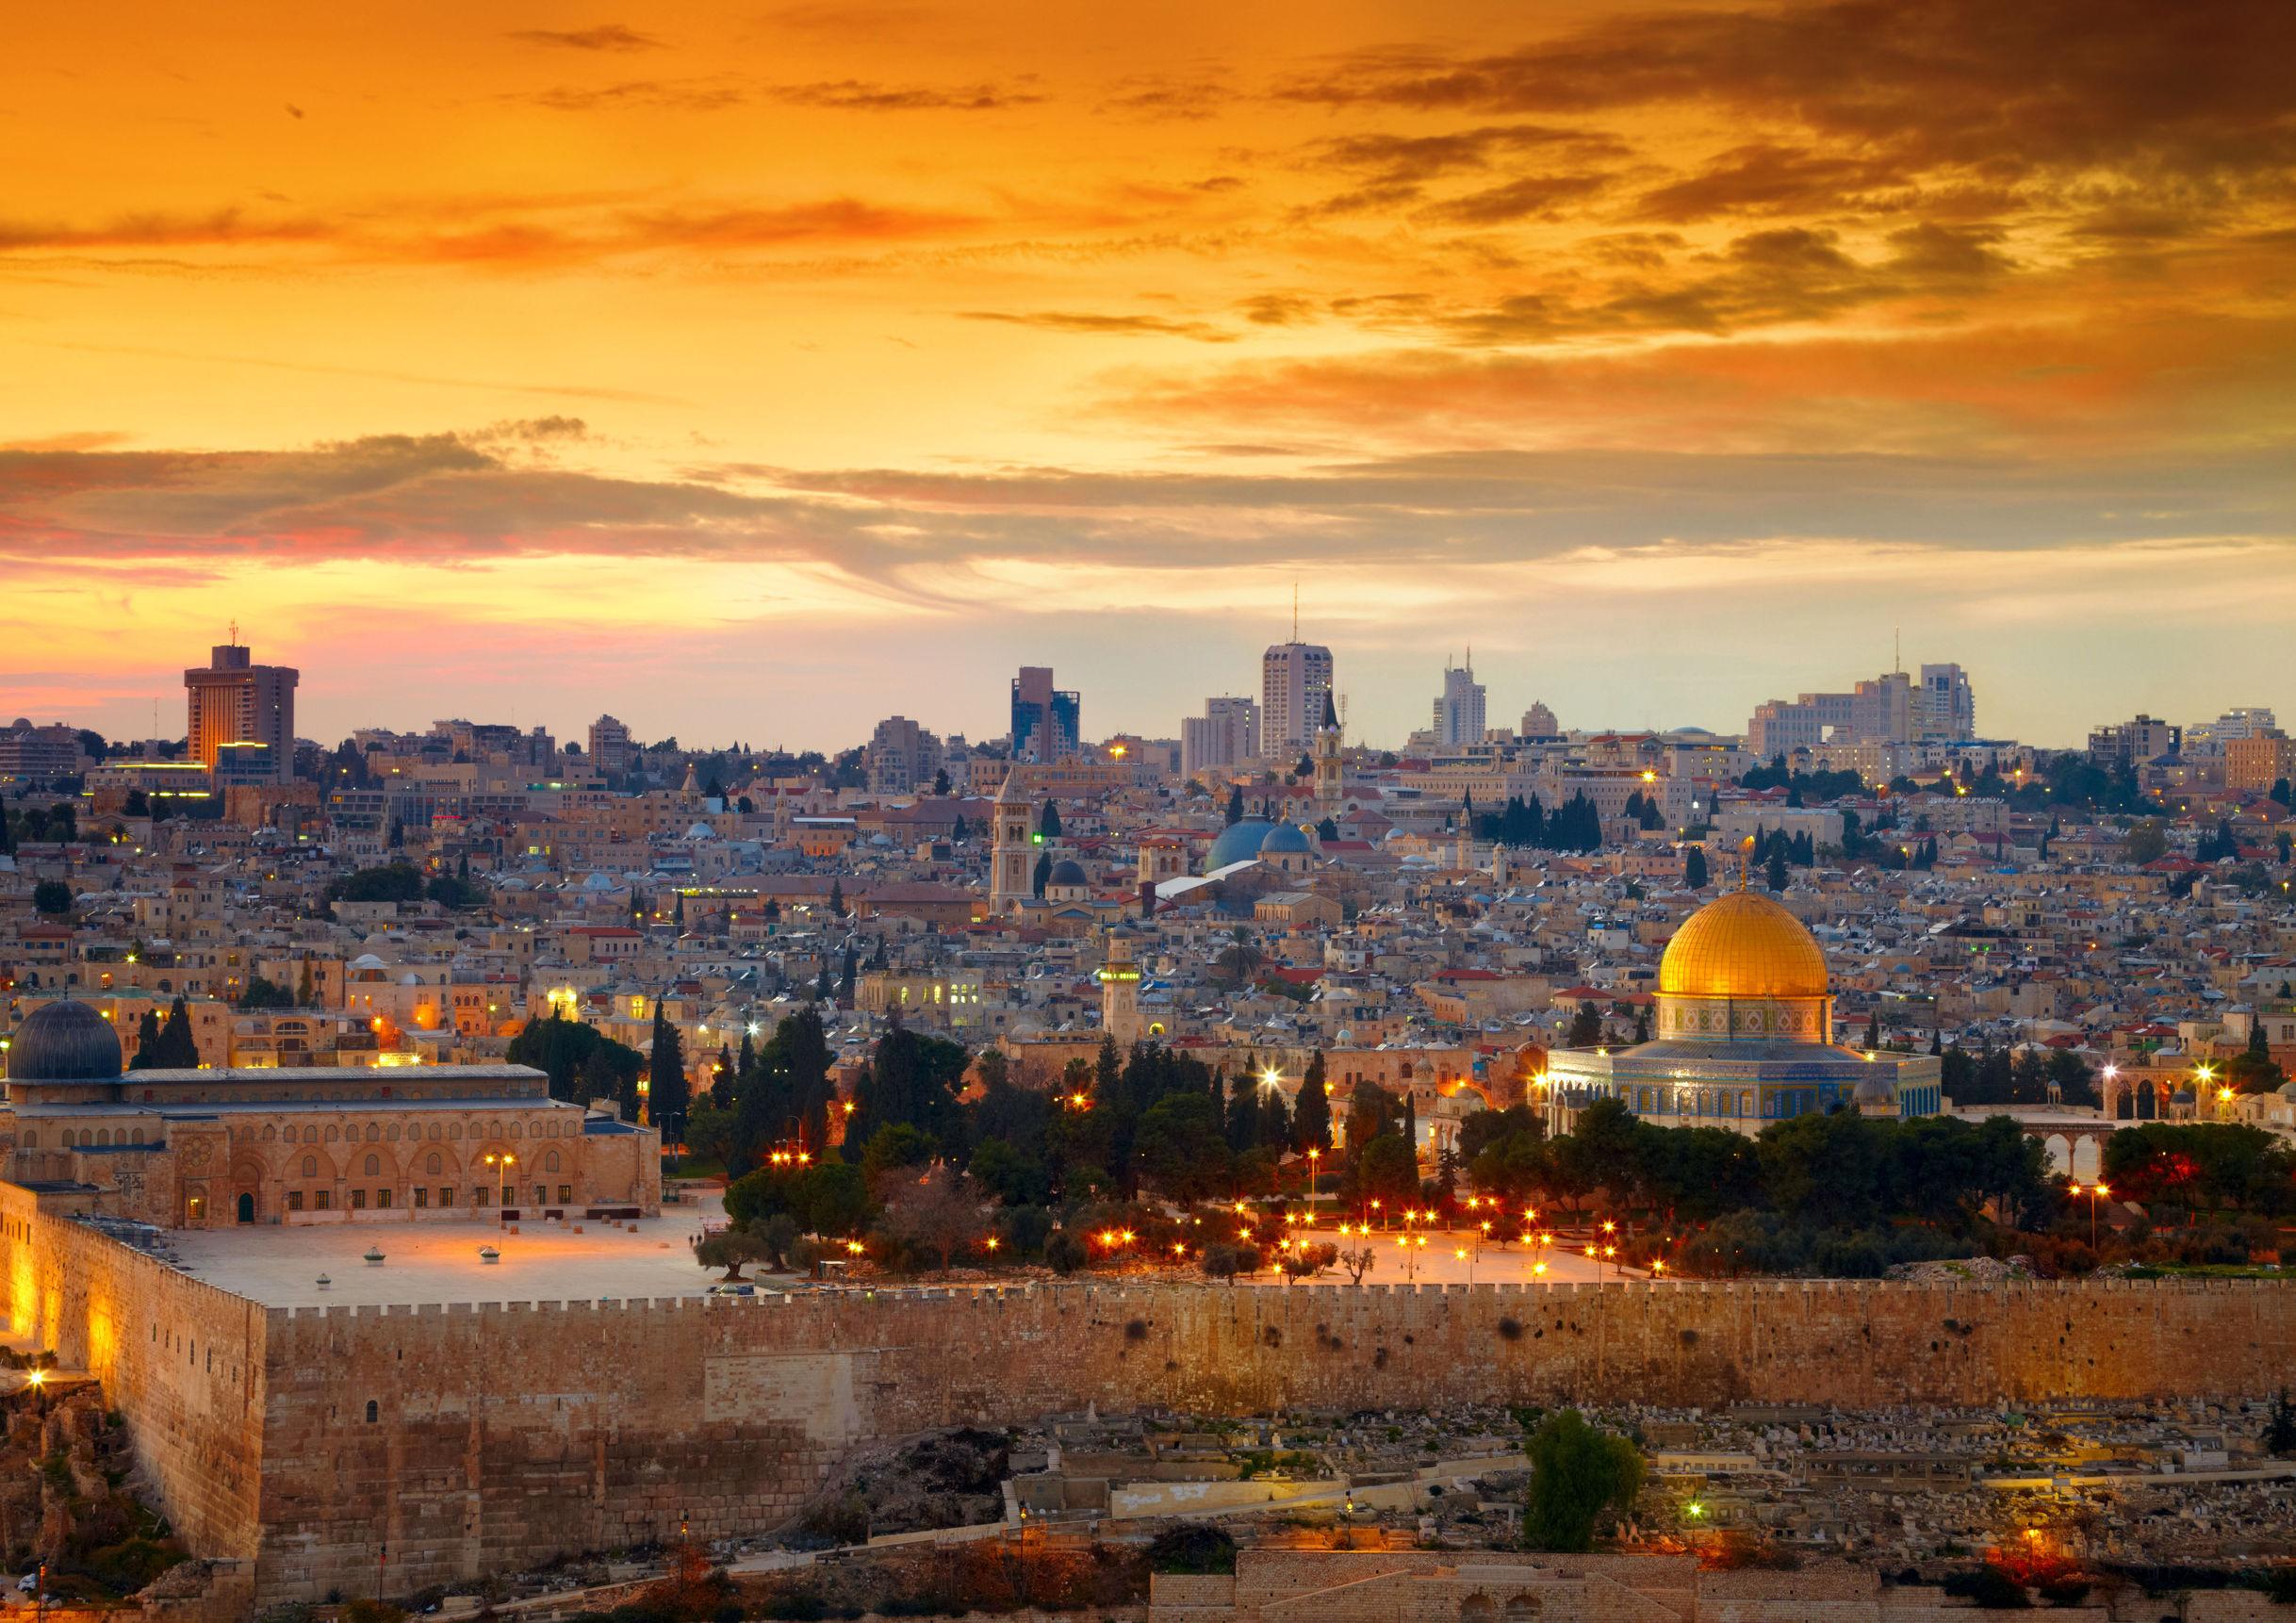 Städtereise Jerusalem: Empfehlungen und Vergleich (11/20)